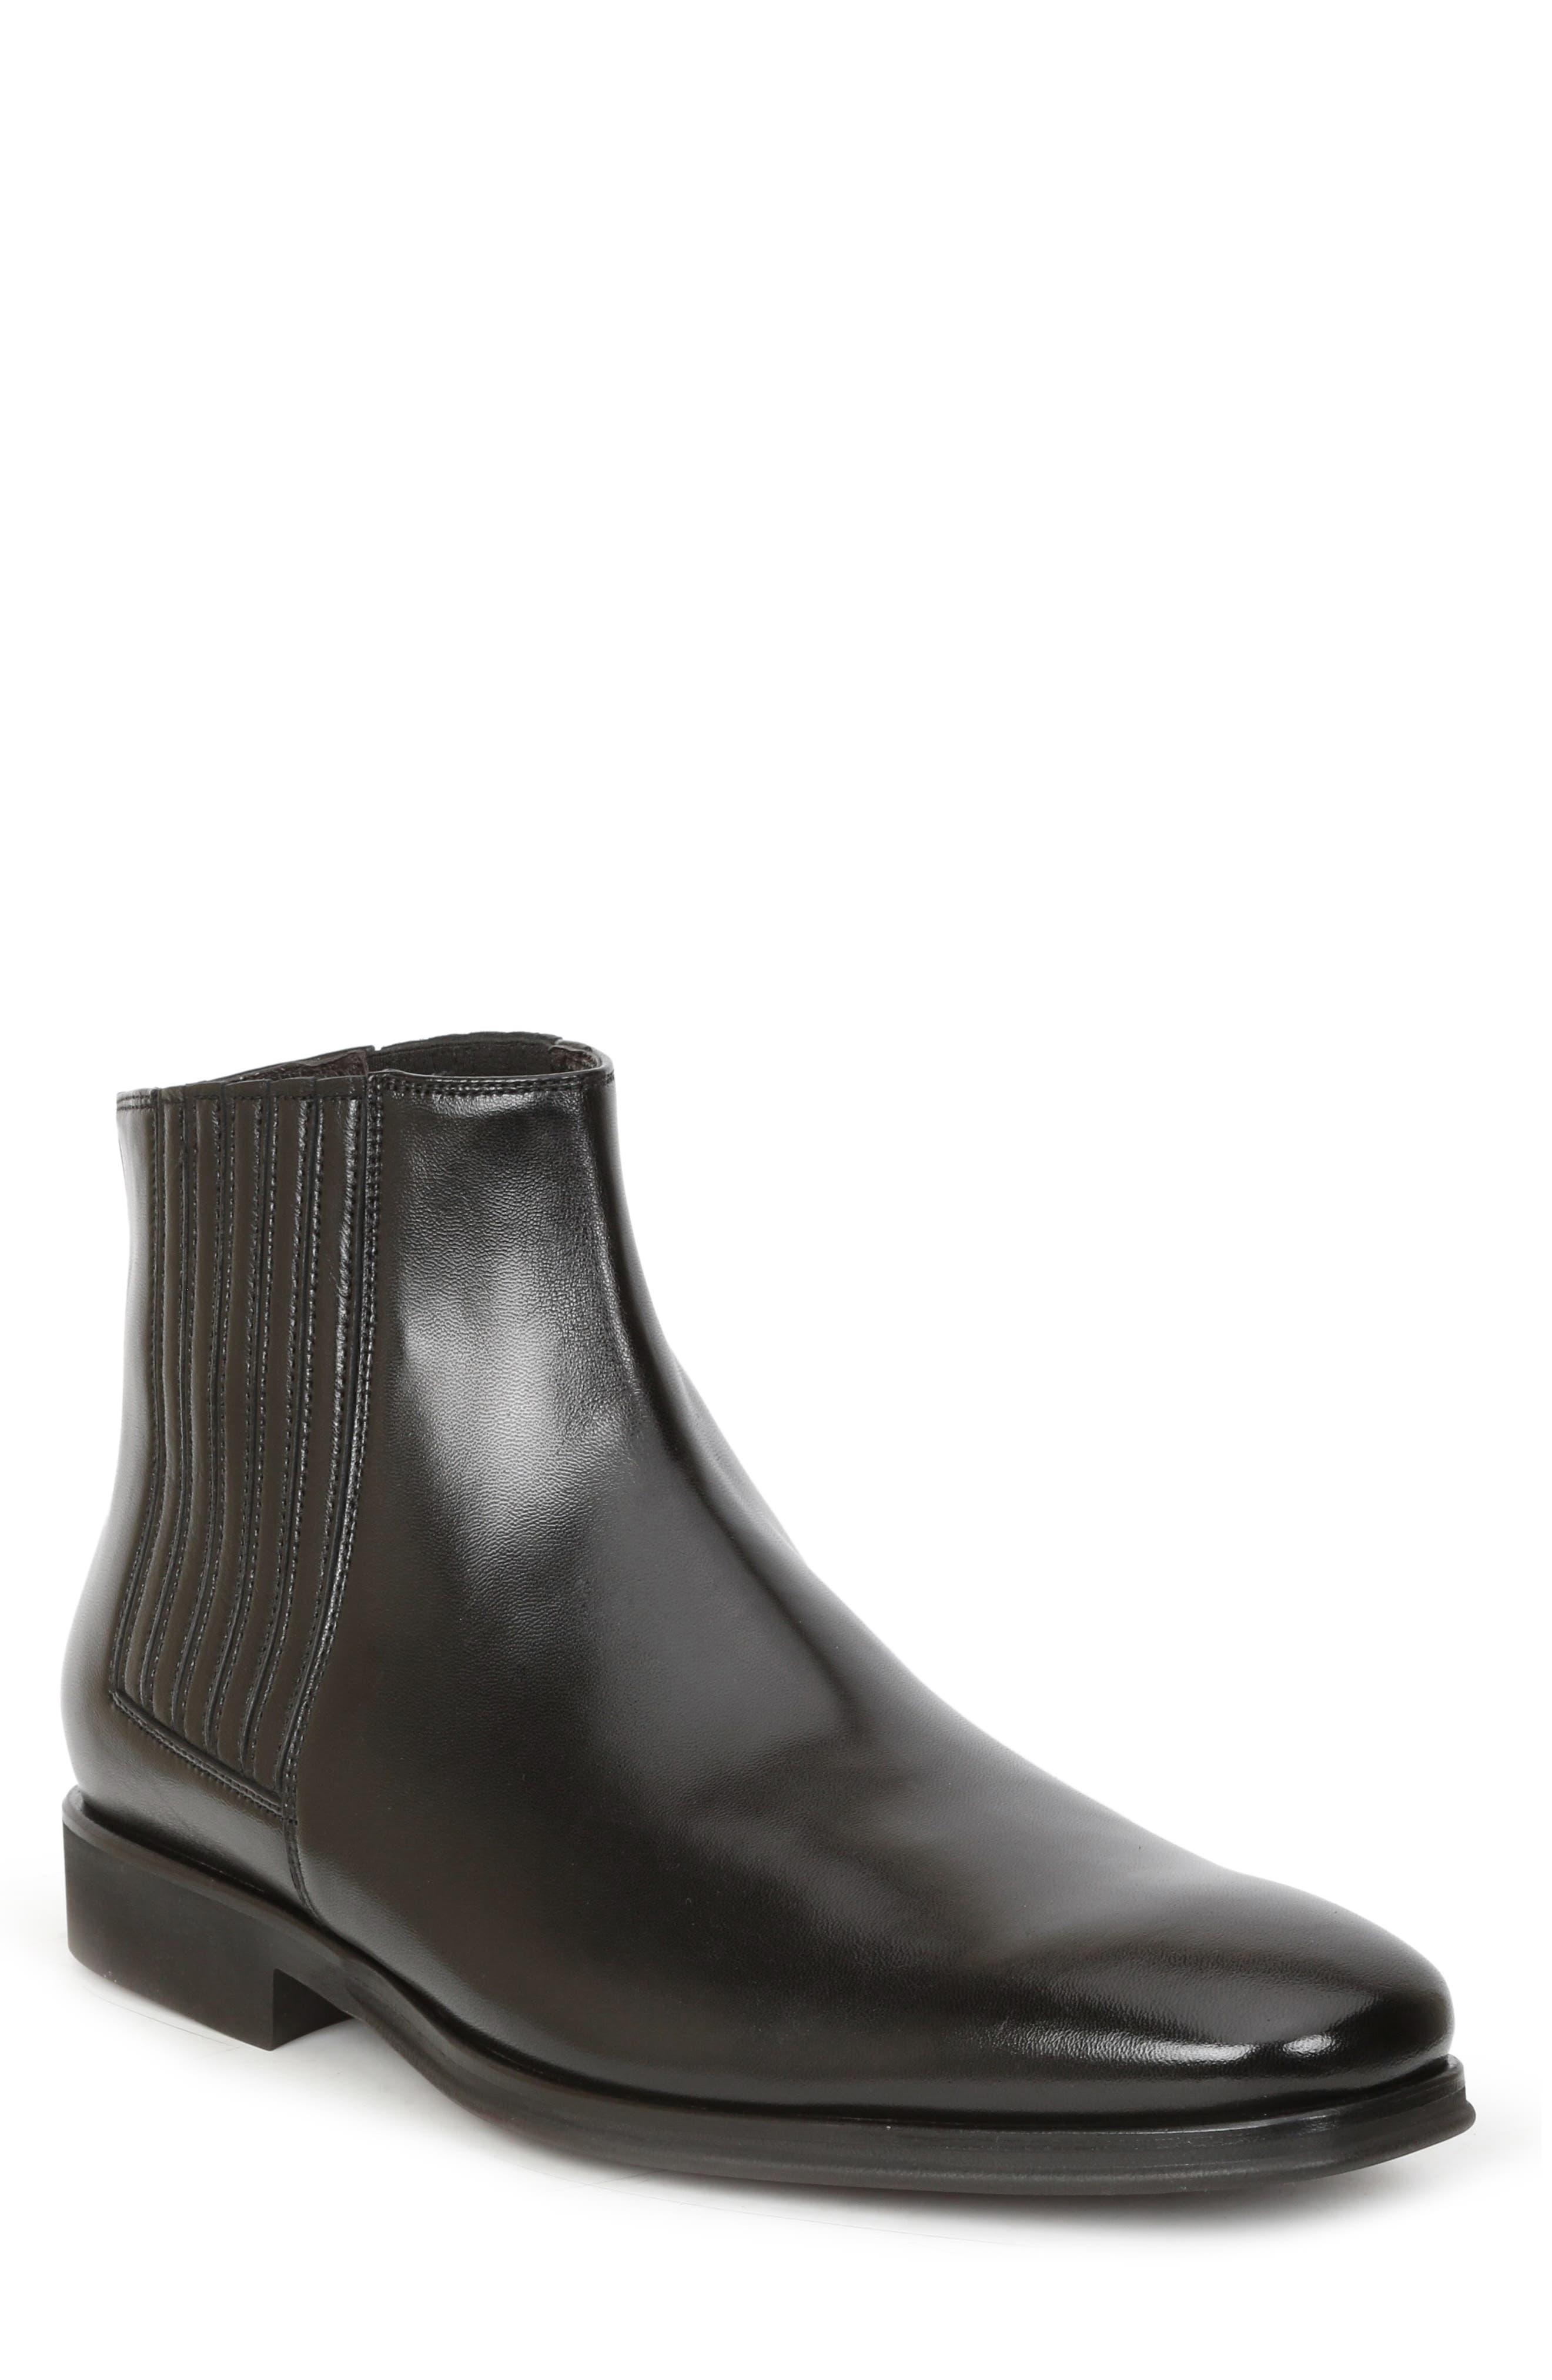 Bruno Magli Rezzo Chelsea Boot, Black